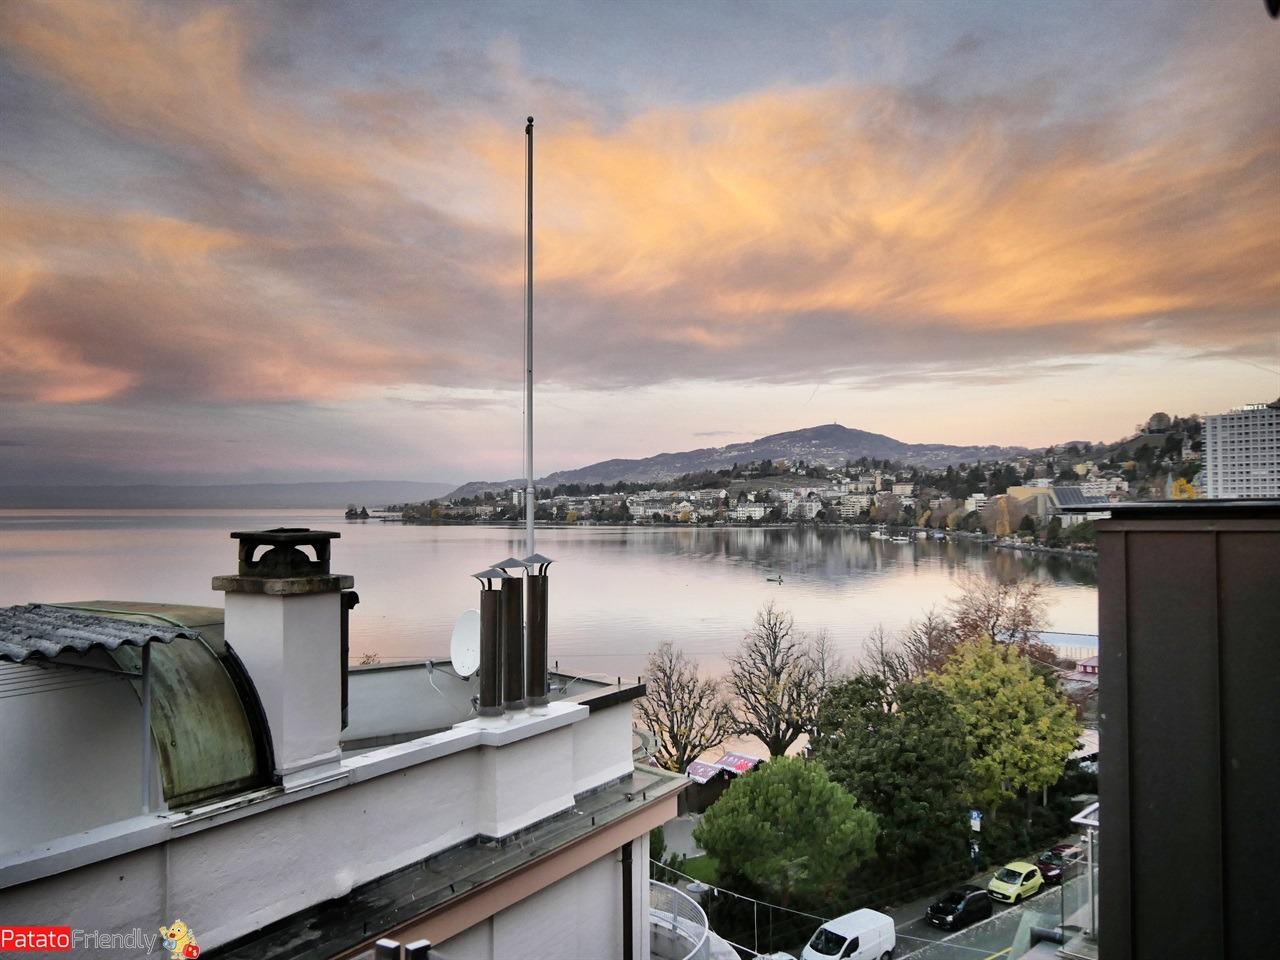 Natale a Montreux coi bambini - L'alba sul Lago di Ginevra